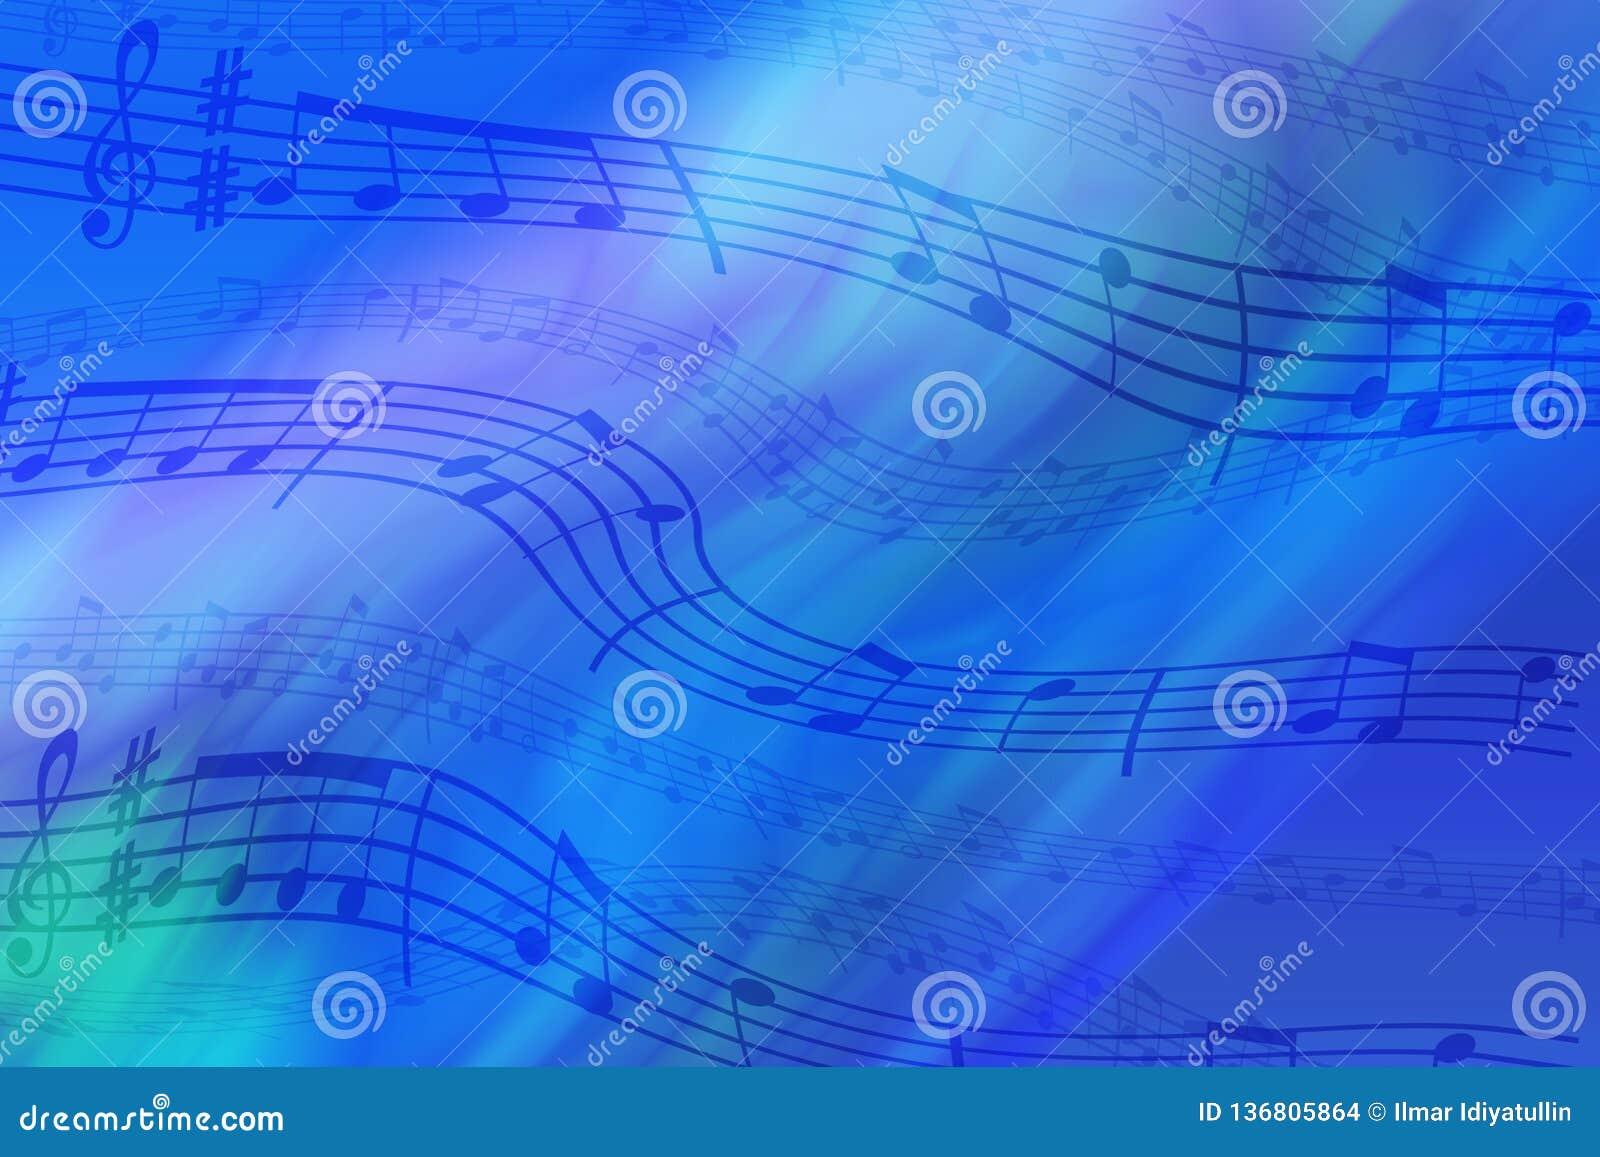 Fundo colorido abstrato no tema da música Fundo de listras onduladas e coloridas Fundo de notas musicais estilizados